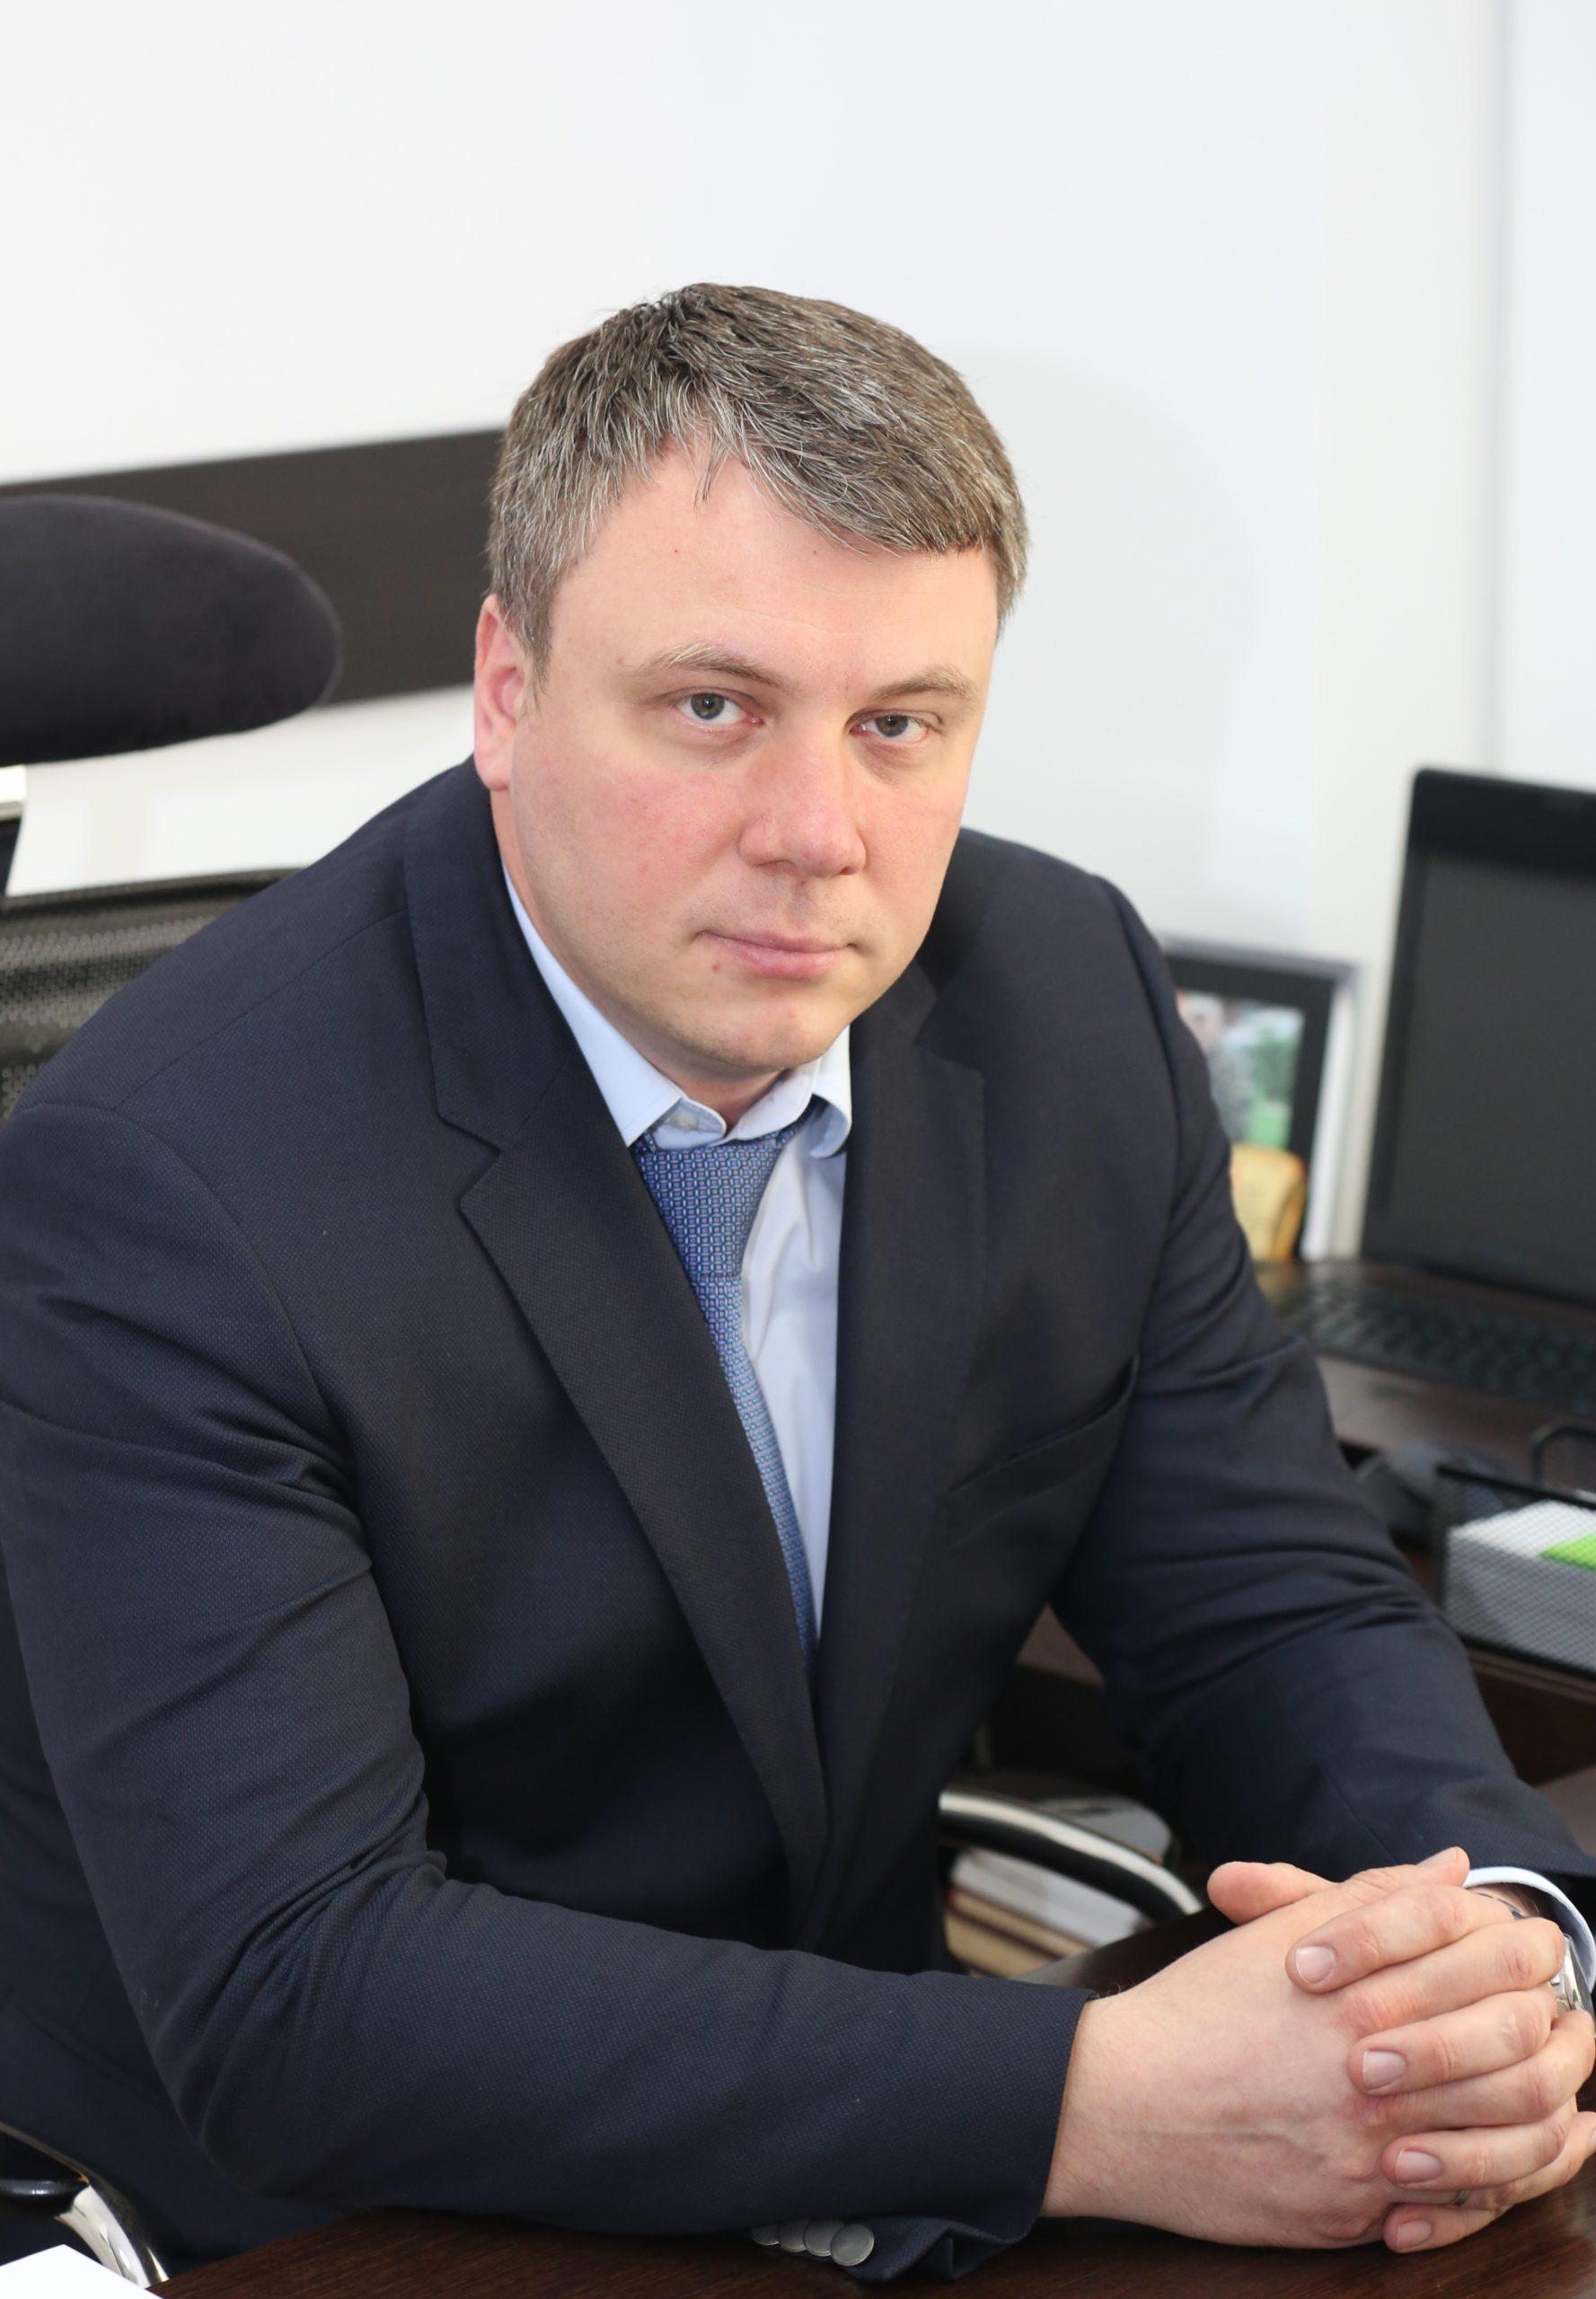 Александр Гадалов: Охранные предприятия готовы к новым испытаниям коронавирусной инфекции, и мы вынесем их с честью